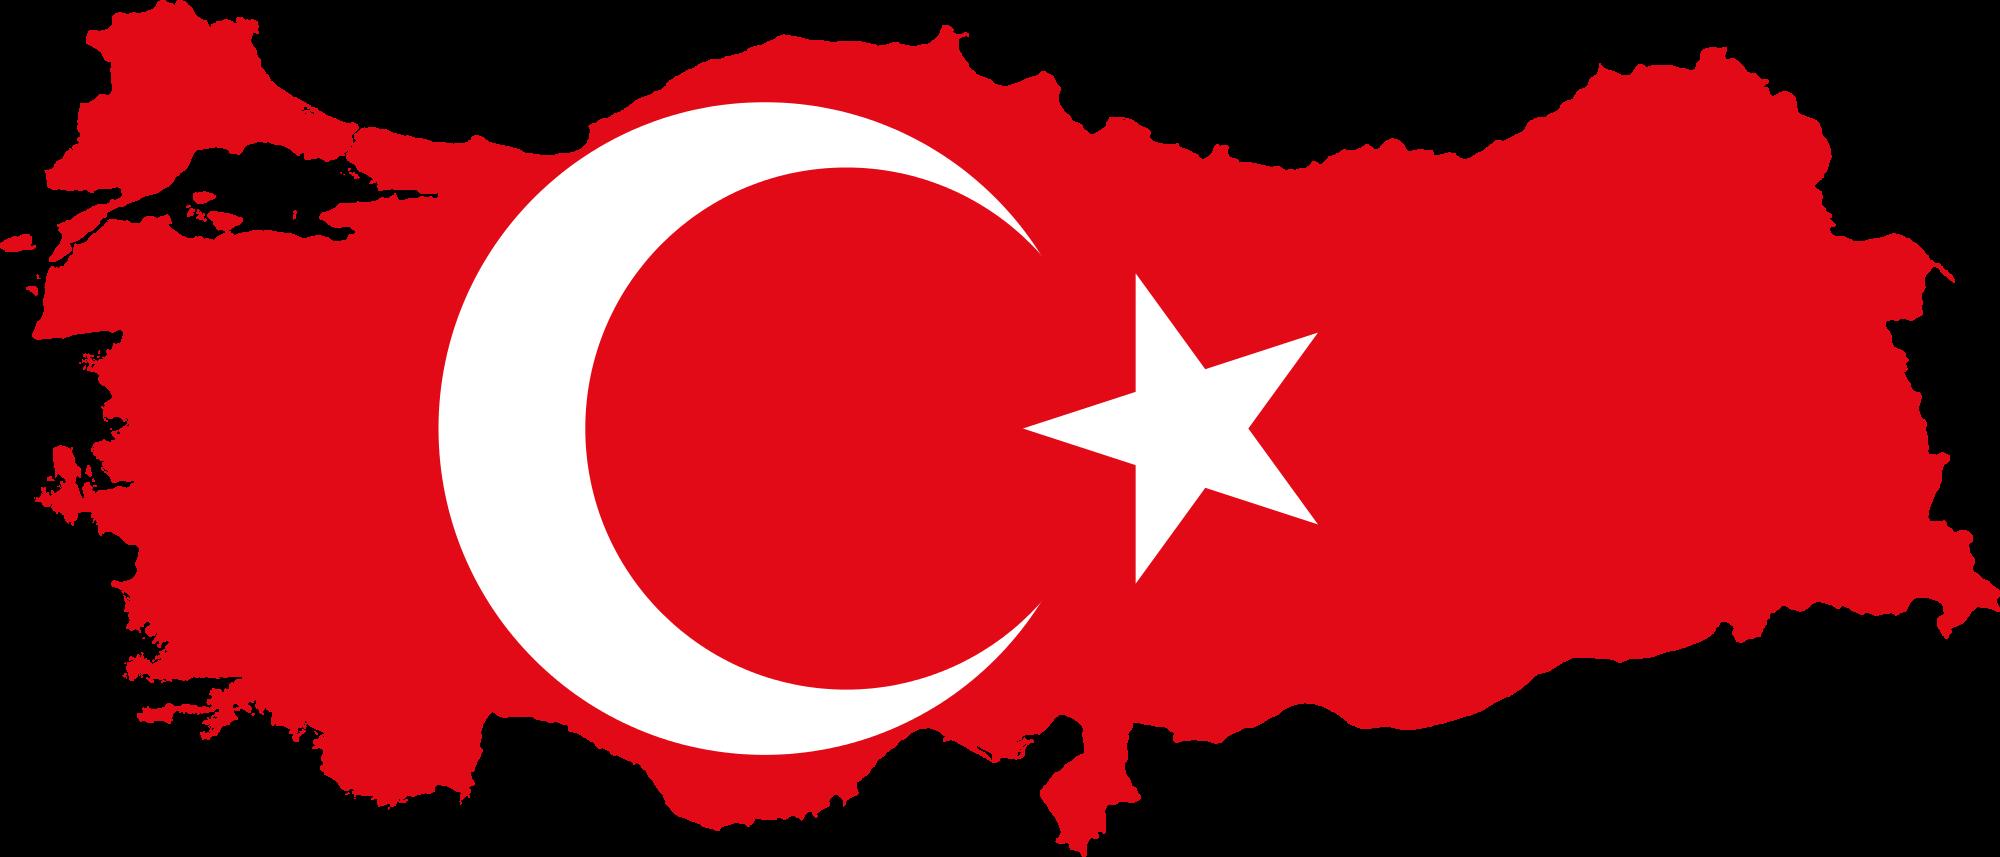 Dịch vụ chuyển phát nhanh đi Thổ Nhĩ Kỳ chuyên nghiệp